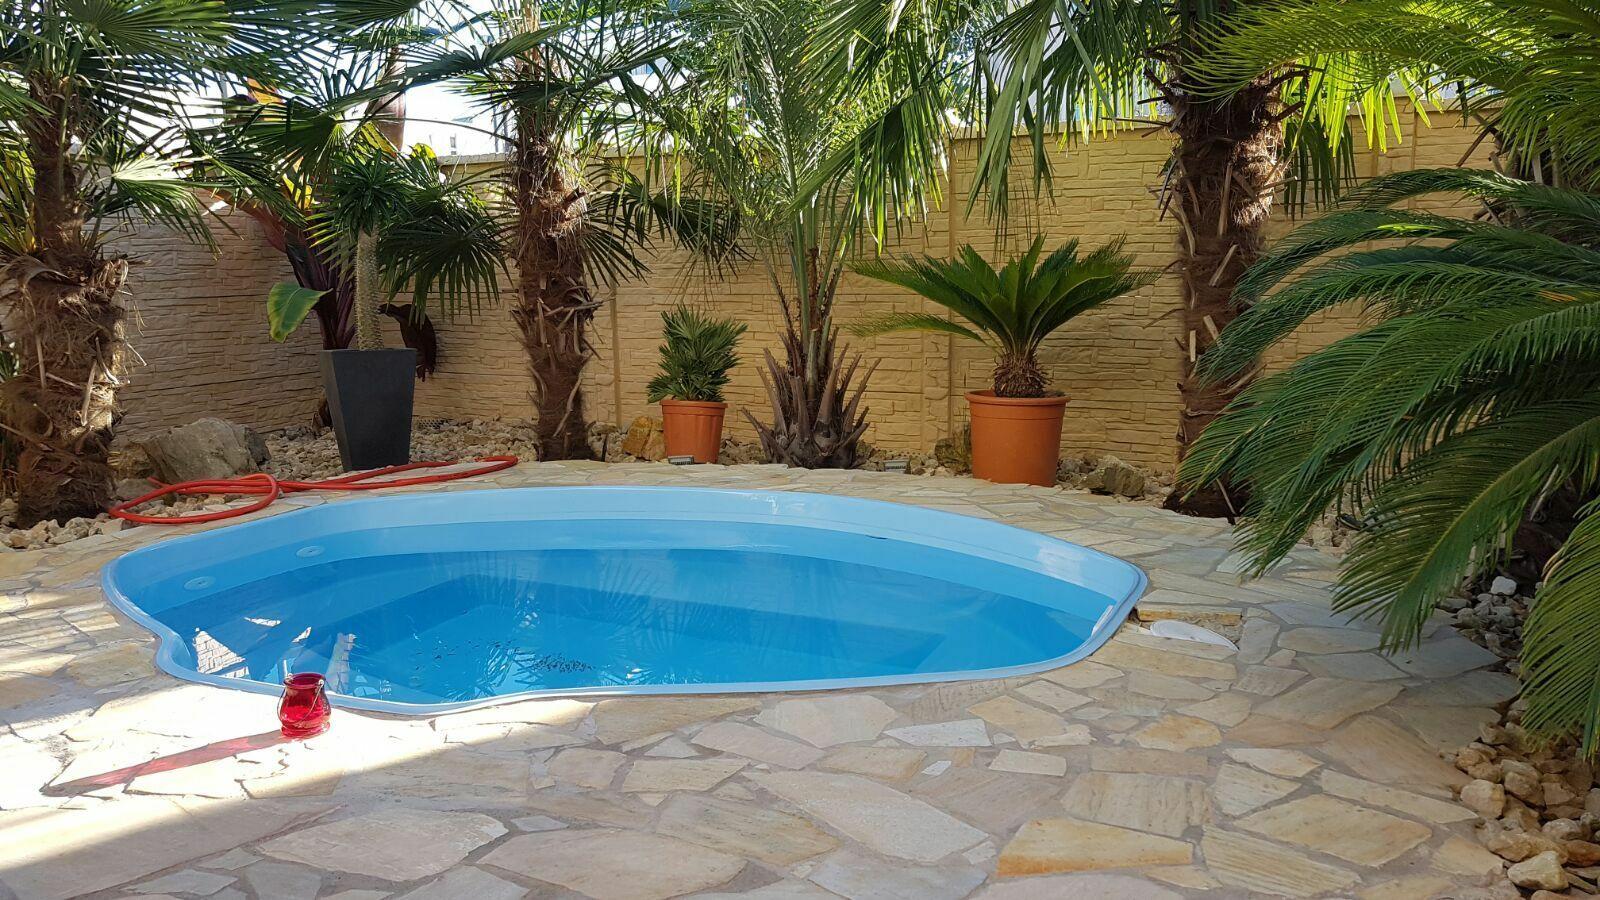 Full Size of Gebrauchte Gfk Pools Pool Schwimmbecken 2 35x2 35x0 86 Hersteller Einbaubeckentv Betten Küche Verkaufen Einbauküche Fenster Kaufen Regale Wohnzimmer Gebrauchte Gfk Pools